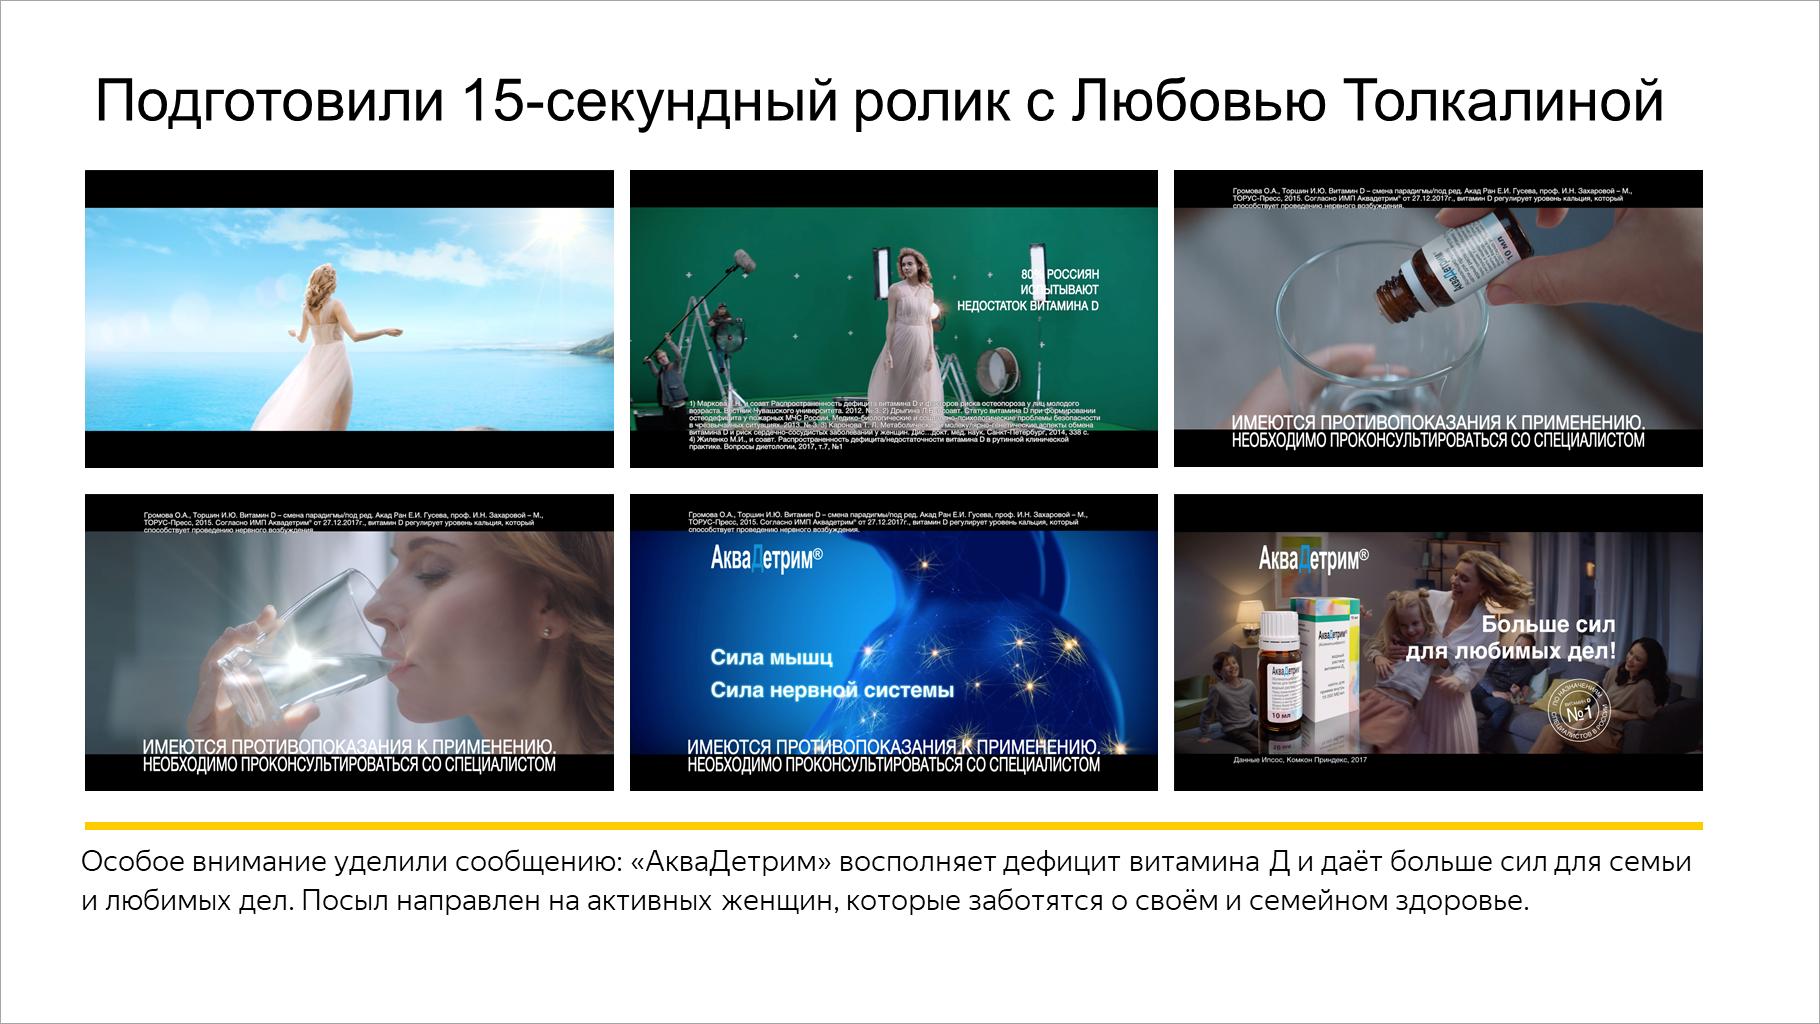 Подготовили 15-секундный ролик с Любовью Толкалиной